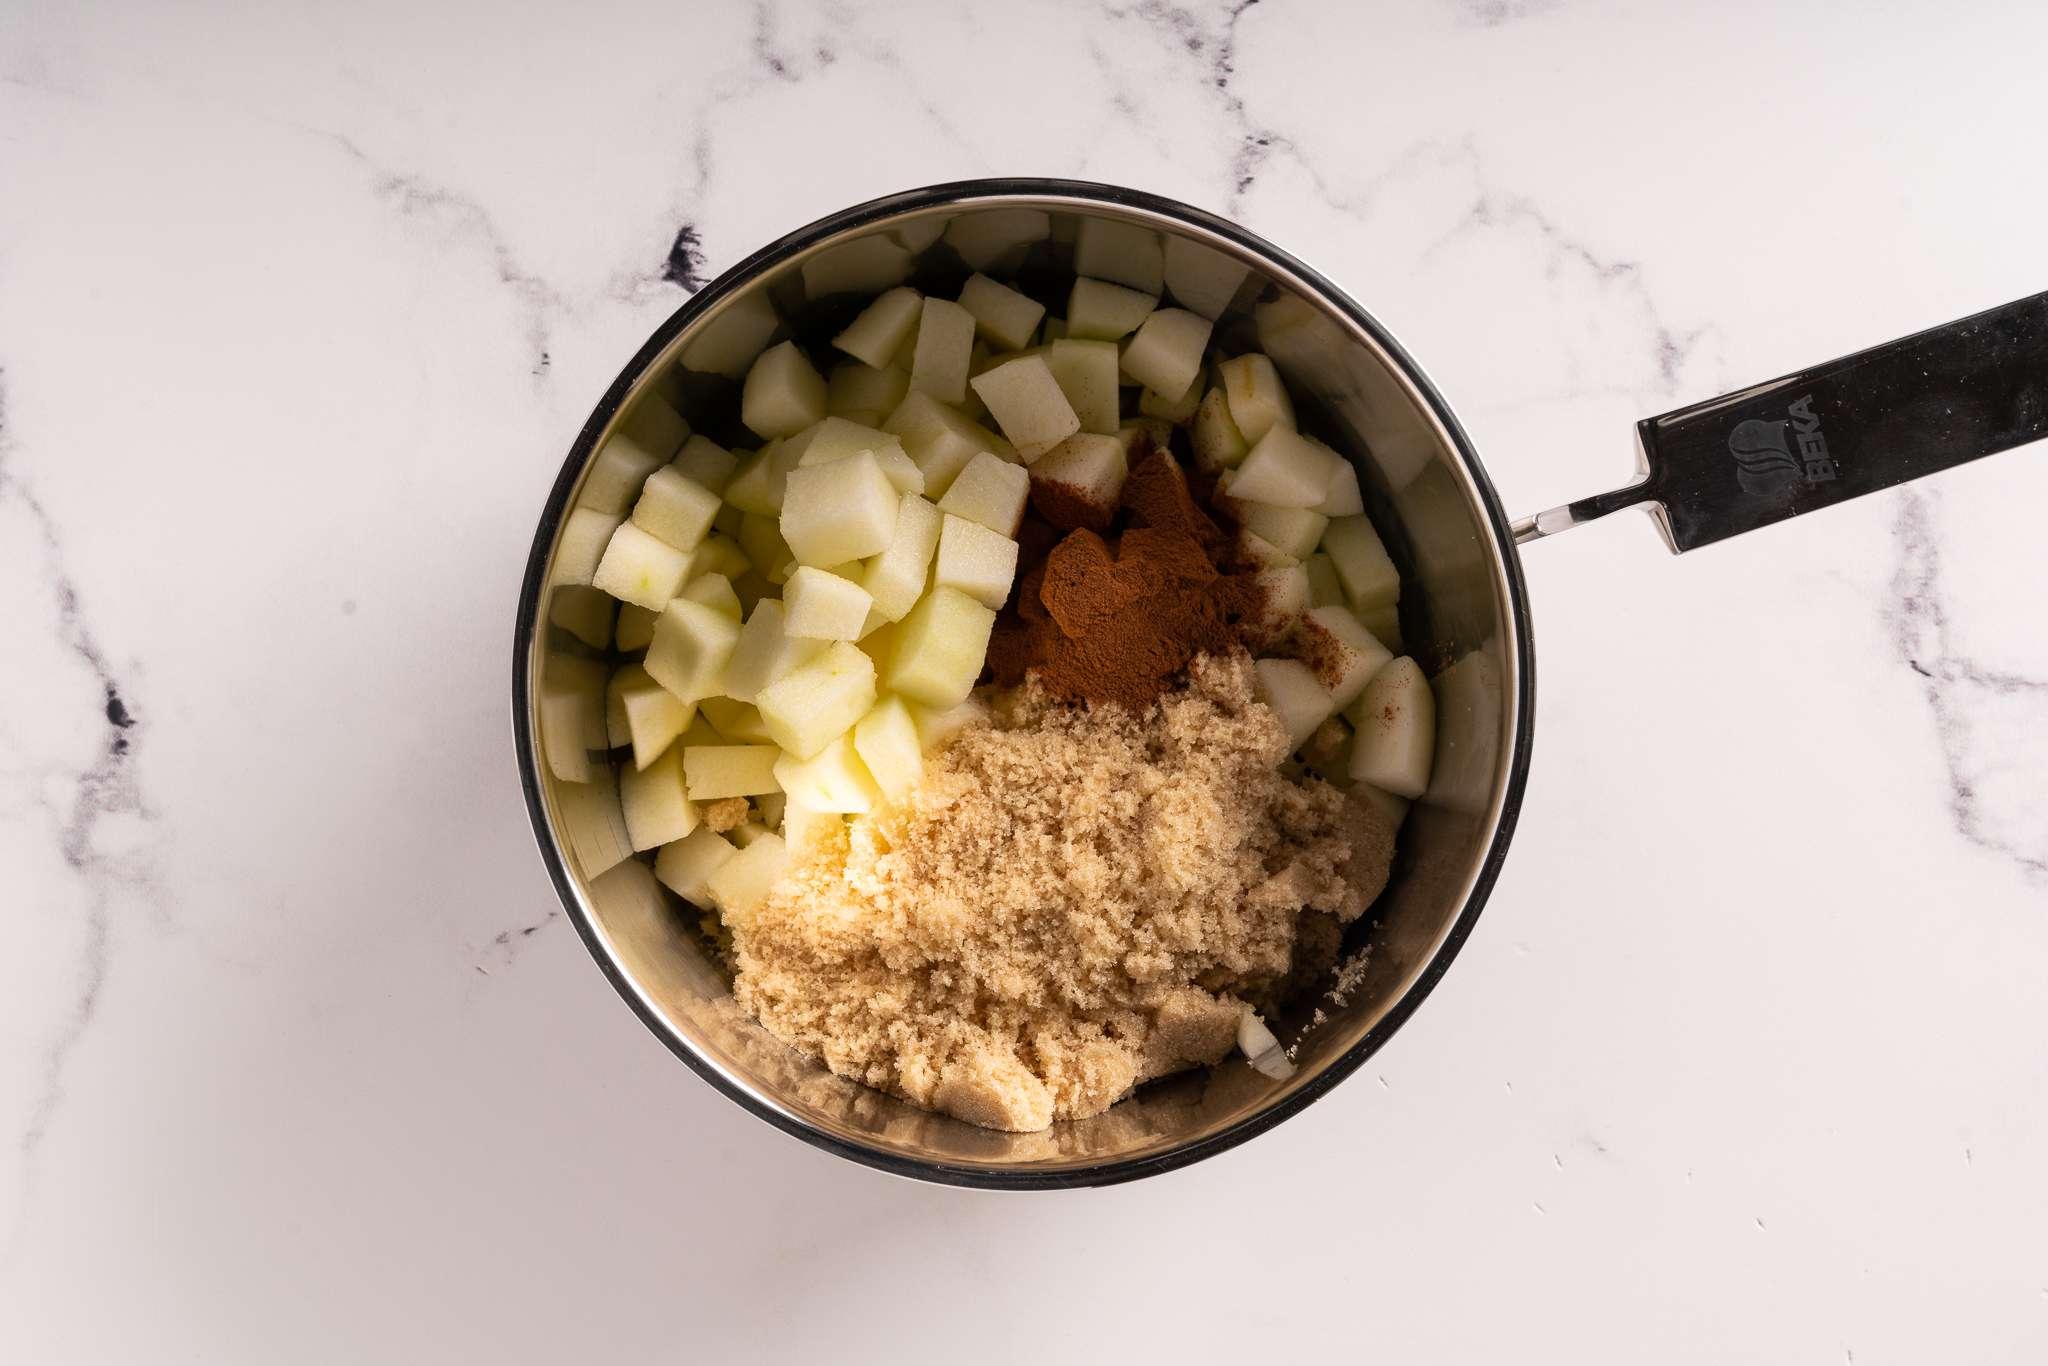 Copycat McDonald's Apple Pie filling ingredients in a pot